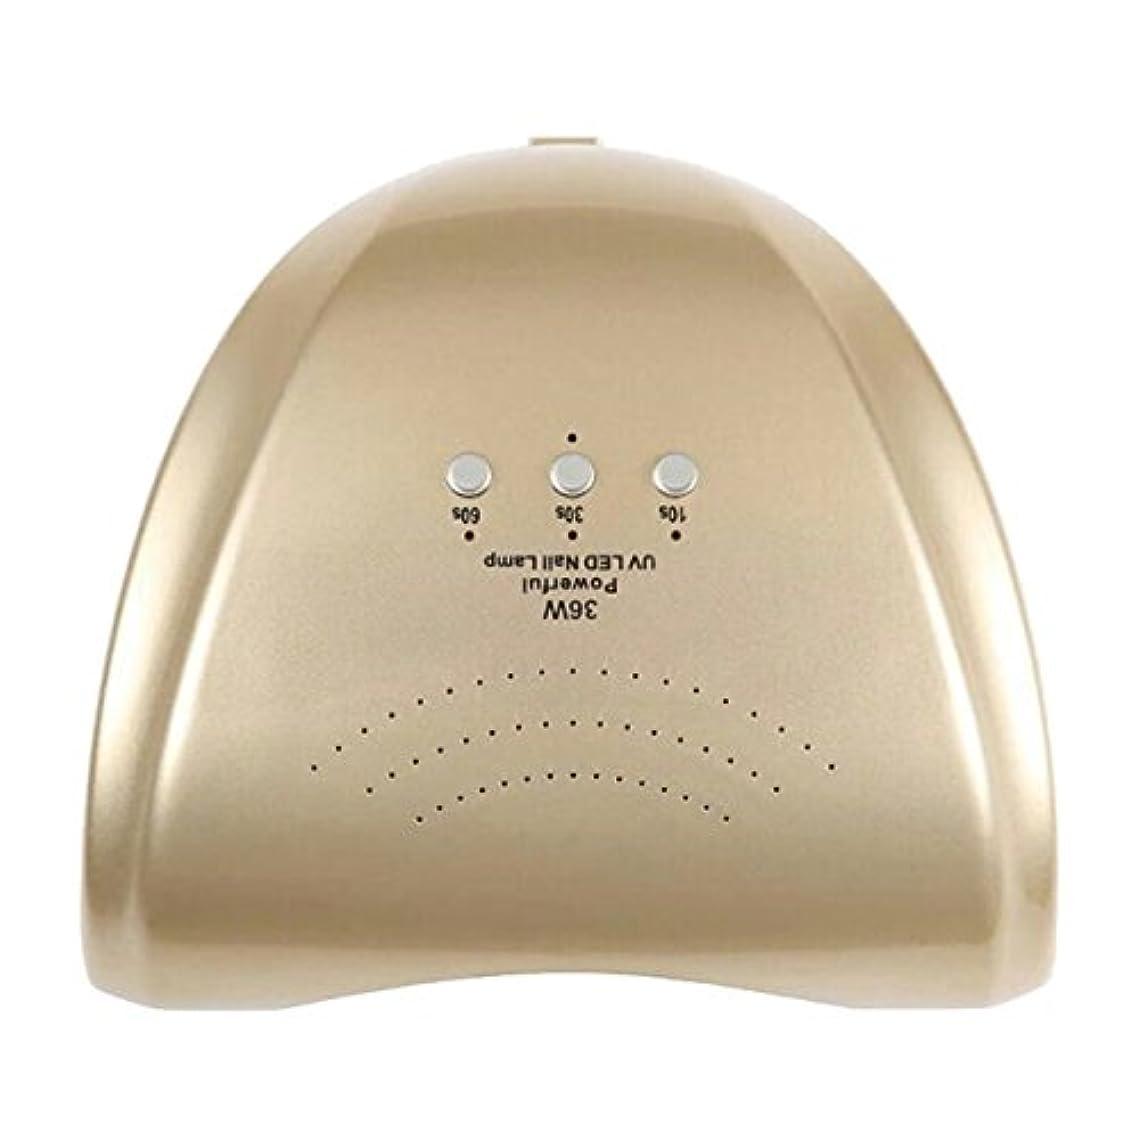 プロフィール顕現一節La Curie 36W LED&UVネイルライト CCFL不使用 自動センサー ジェルネイル レジン 6ヶ月保証&日本語説明書&プロネイリスト監修ネイルレシピ付き 全9色 (ゴールド) LaCurie004